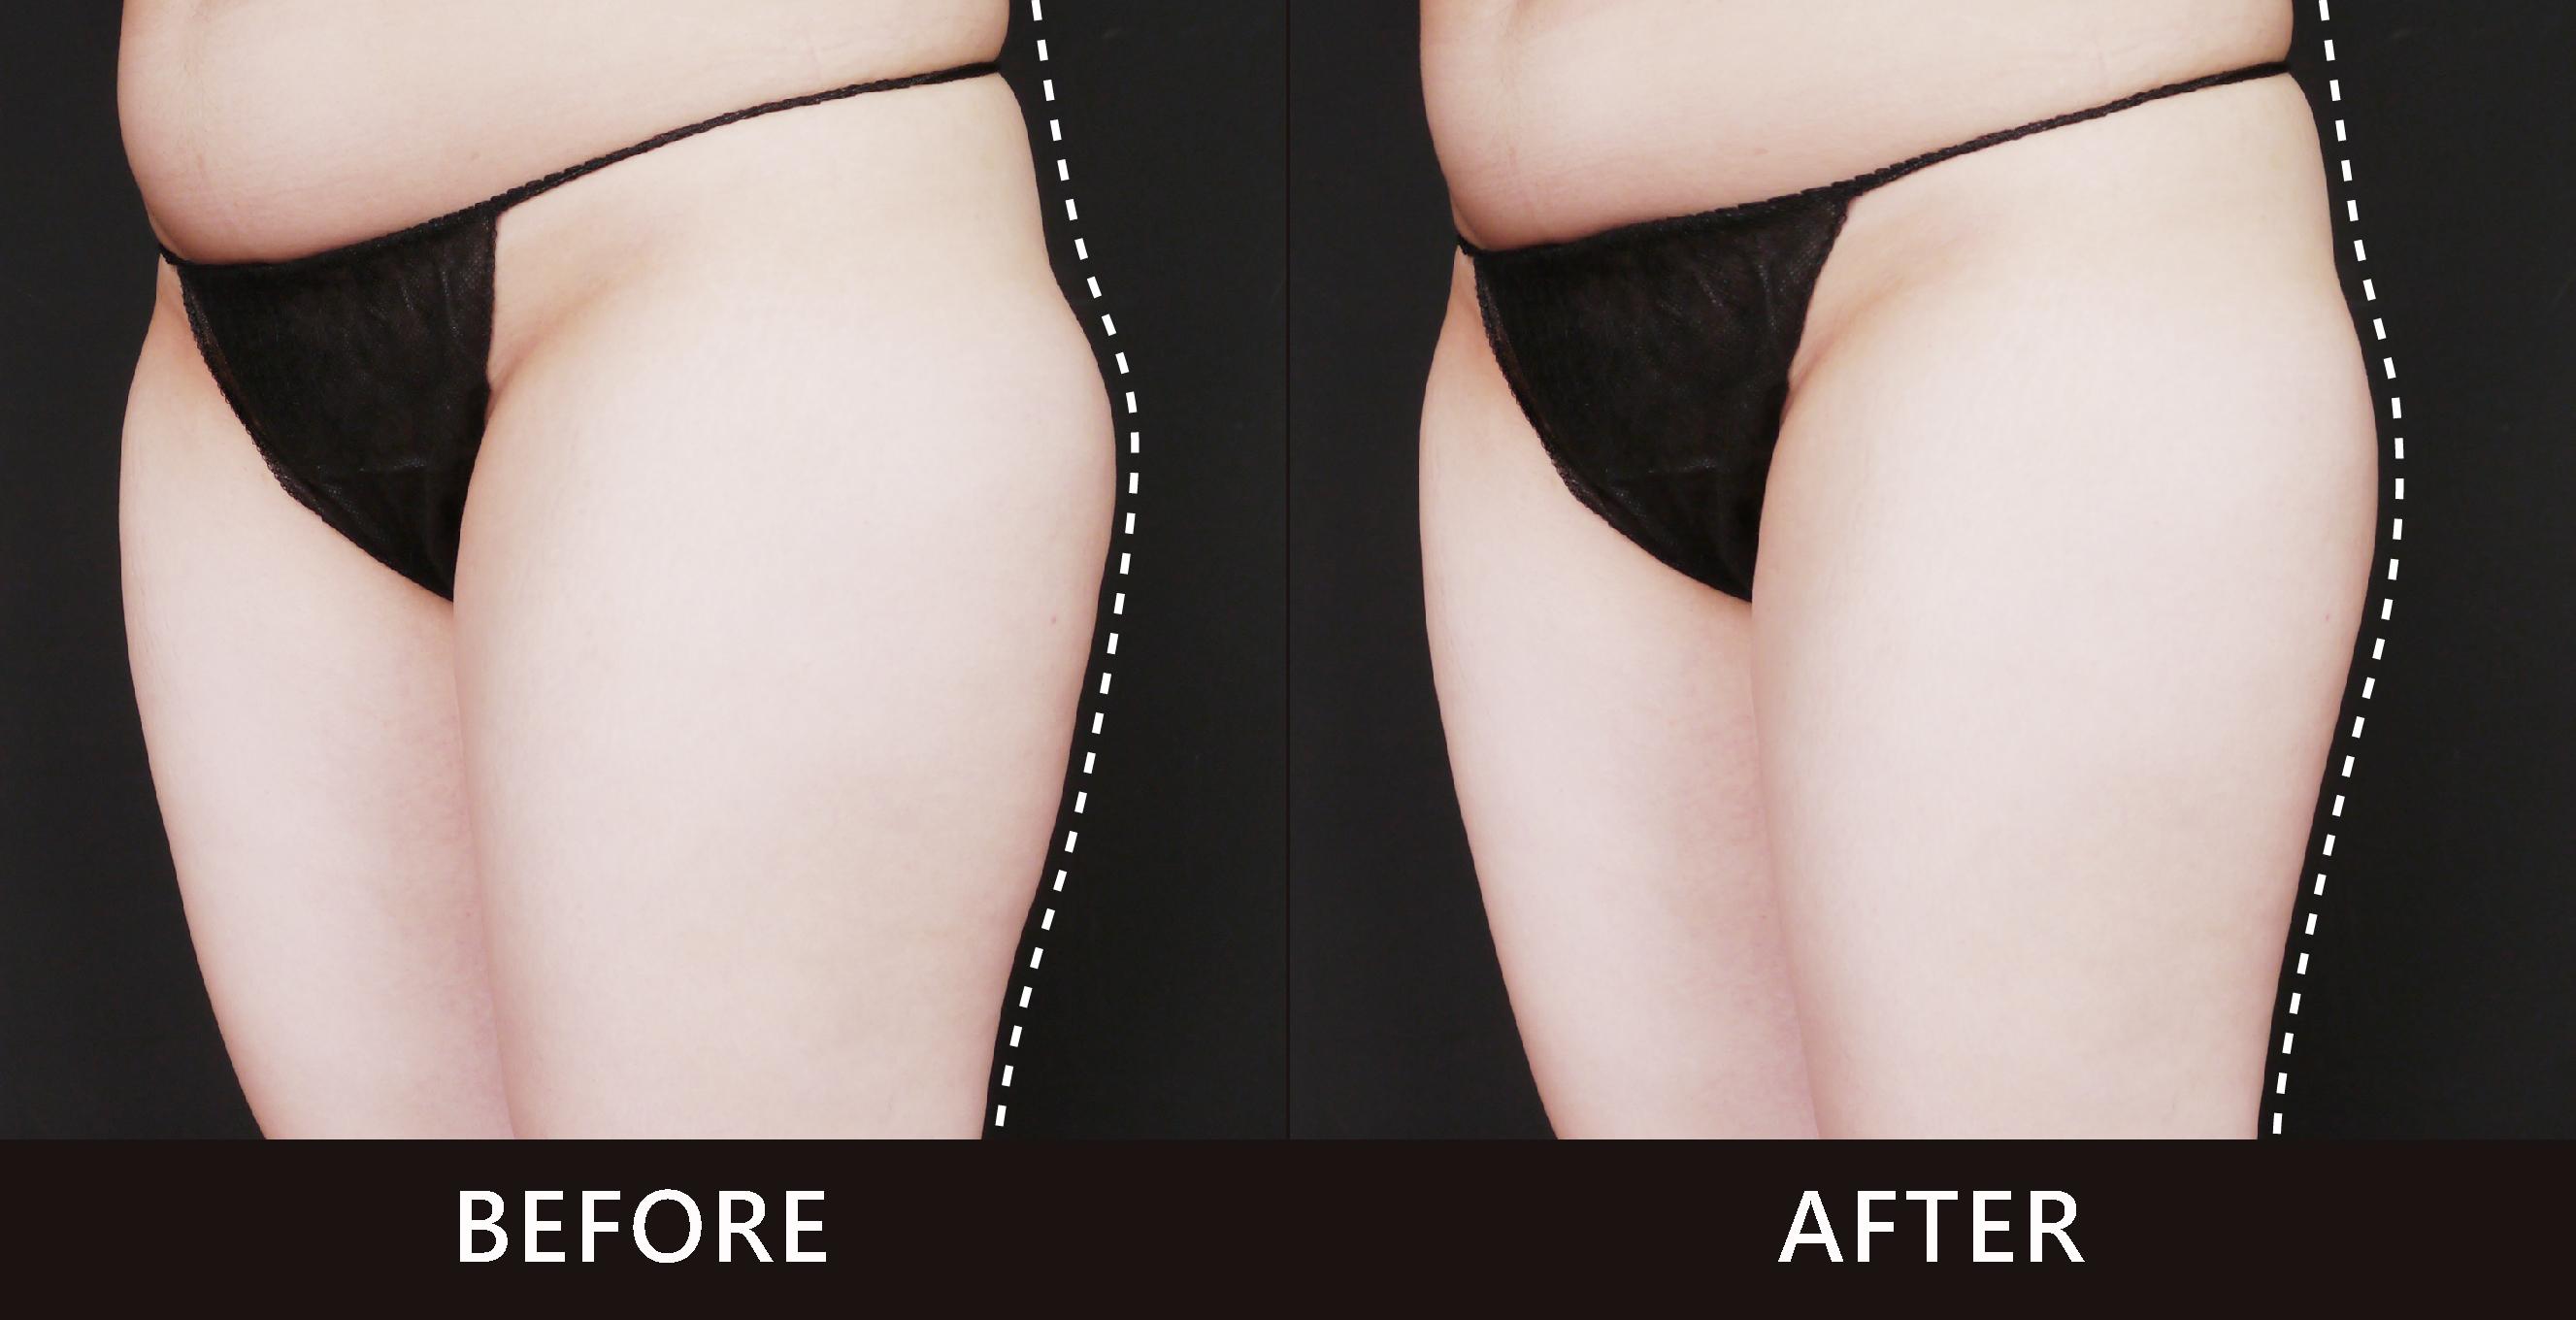 大腿外側的肥胖最難處理,多一塊肉會讓整體視覺比例不好看,有五五身的錯覺。經由酷爾塑平冷凍減脂的雕塑下,線條平順更自然。(效果因個案而異)